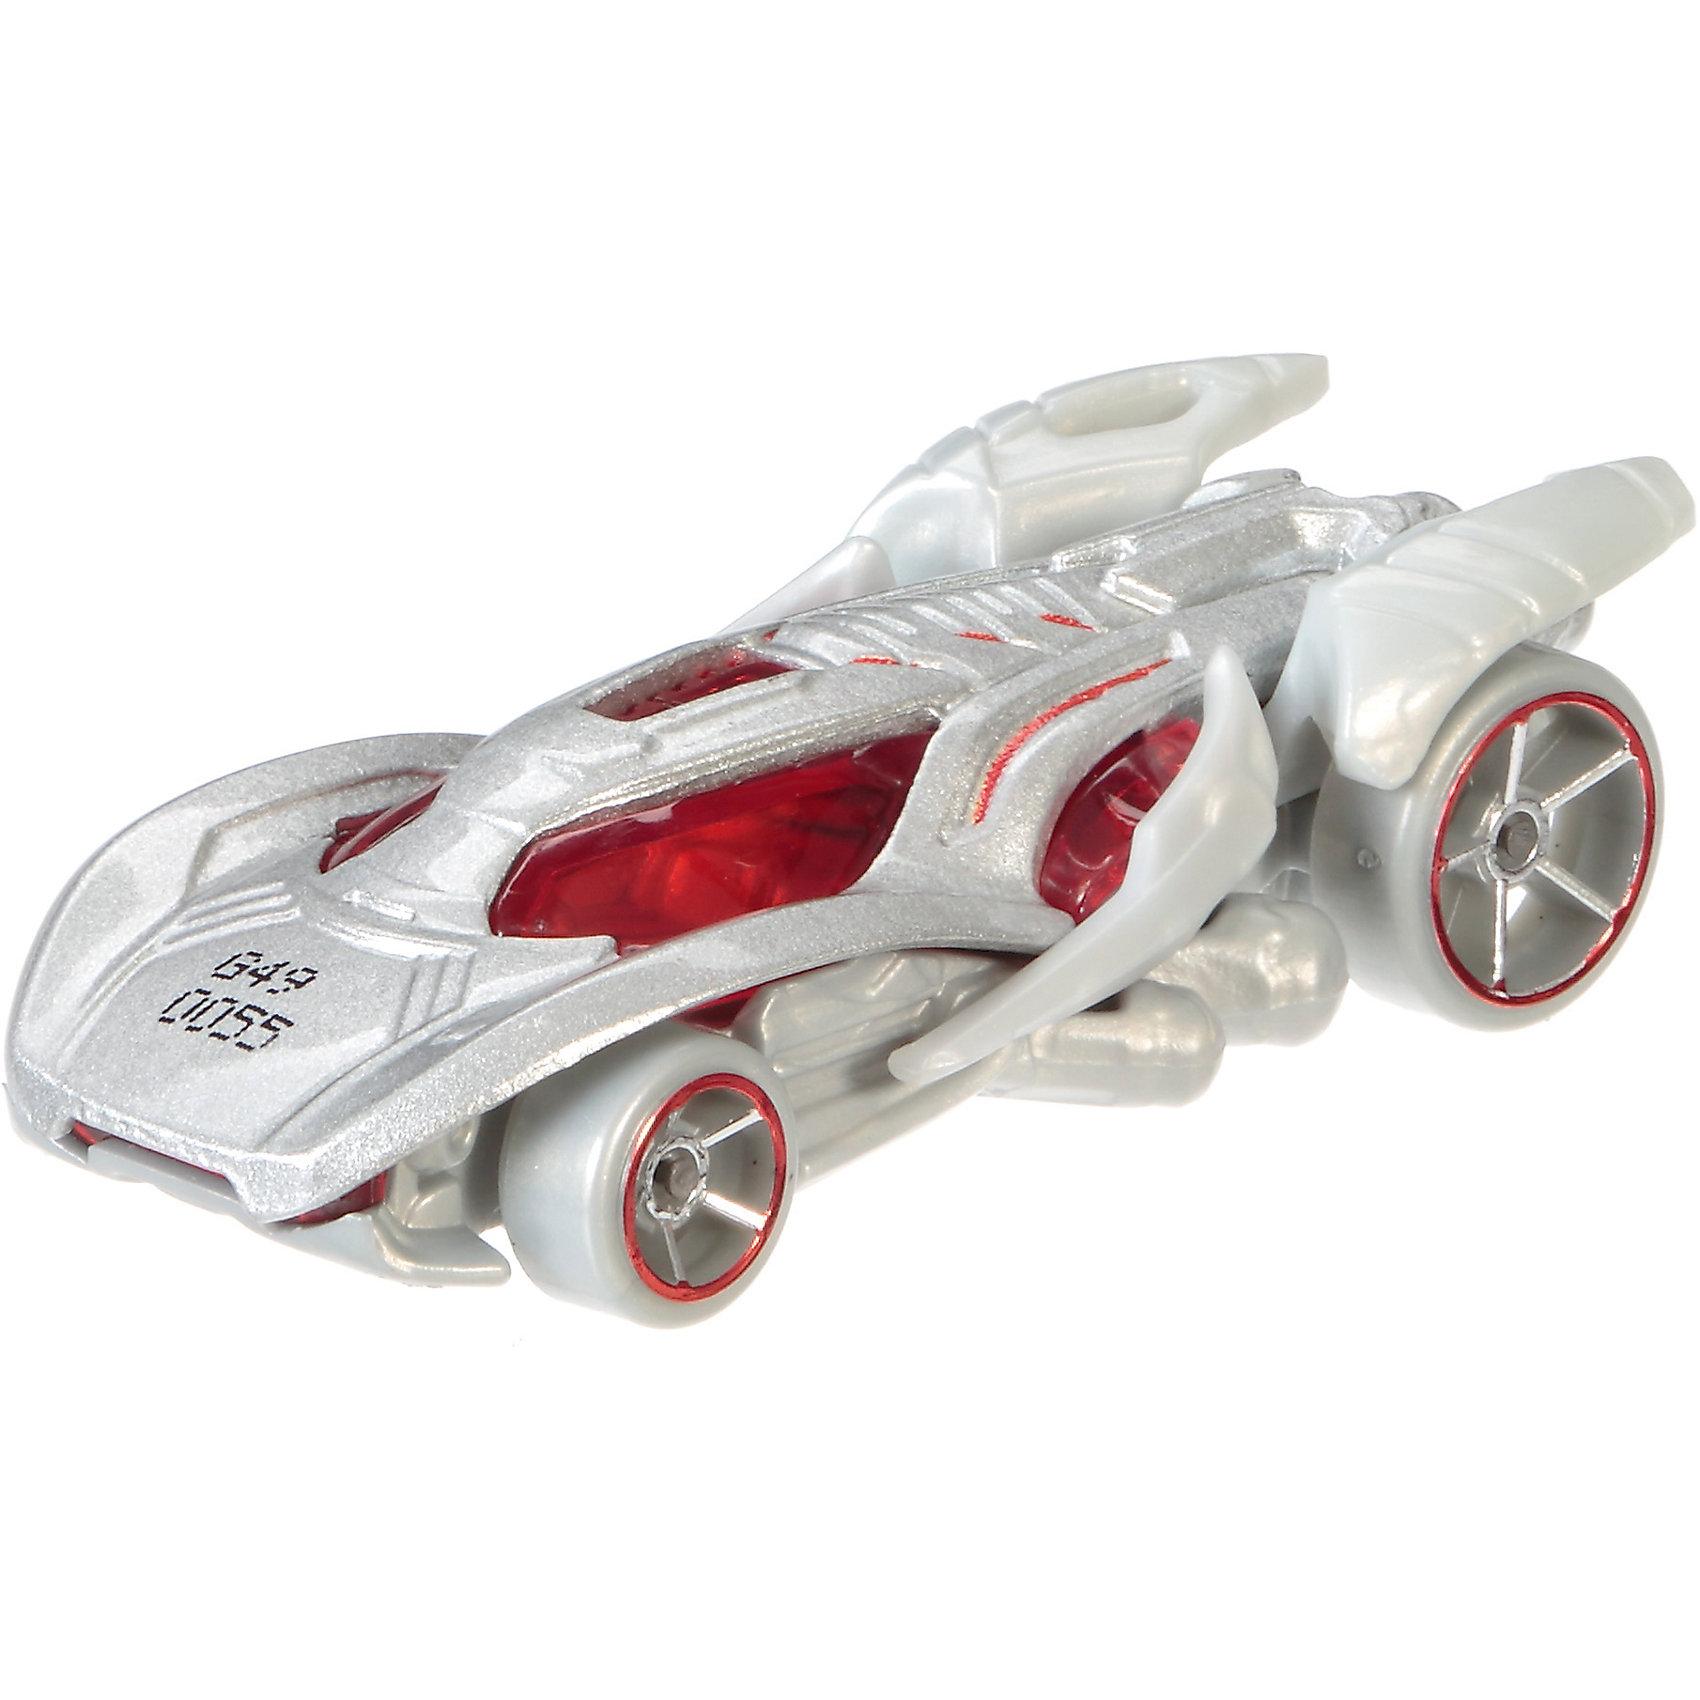 Машинка героев Marvel, Hot WheelsОтличный подарок для любителей комиксов Marvel про супергероев - машинки от Hot Wheels. В каждой машинке можно легко узнать прототип. Из машинок в масштабе 1:64 можно собрать коллекцию!<br> Игрушка выполнена так, что с виду она кажется точной копией настоящей машины супергероя благодаря внимательному отношению к деталям. <br>Игрушка имеет такой размер, при котором ребенку удобно держать её в руках, а также брать с собой в гости или на прогулку. Такие игрушки помогают развить мелкую моторику, логическое мышление и воображение ребенка. Эта игрушка выполнена из высококачественного прочного пластика, безопасного для детей.<br>  <br>Дополнительная информация:<br><br>масштаб: 1:64; <br>цвет: разноцветный;<br>материал: пластик.<br><br>Машинки героев Marvel, Hot Wheels (Хот Вилс) от компании Mattel можно купить в нашем магазине.<br><br>Ширина мм: 145<br>Глубина мм: 50<br>Высота мм: 170<br>Вес г: 54<br>Возраст от месяцев: 36<br>Возраст до месяцев: 84<br>Пол: Мужской<br>Возраст: Детский<br>SKU: 4791113